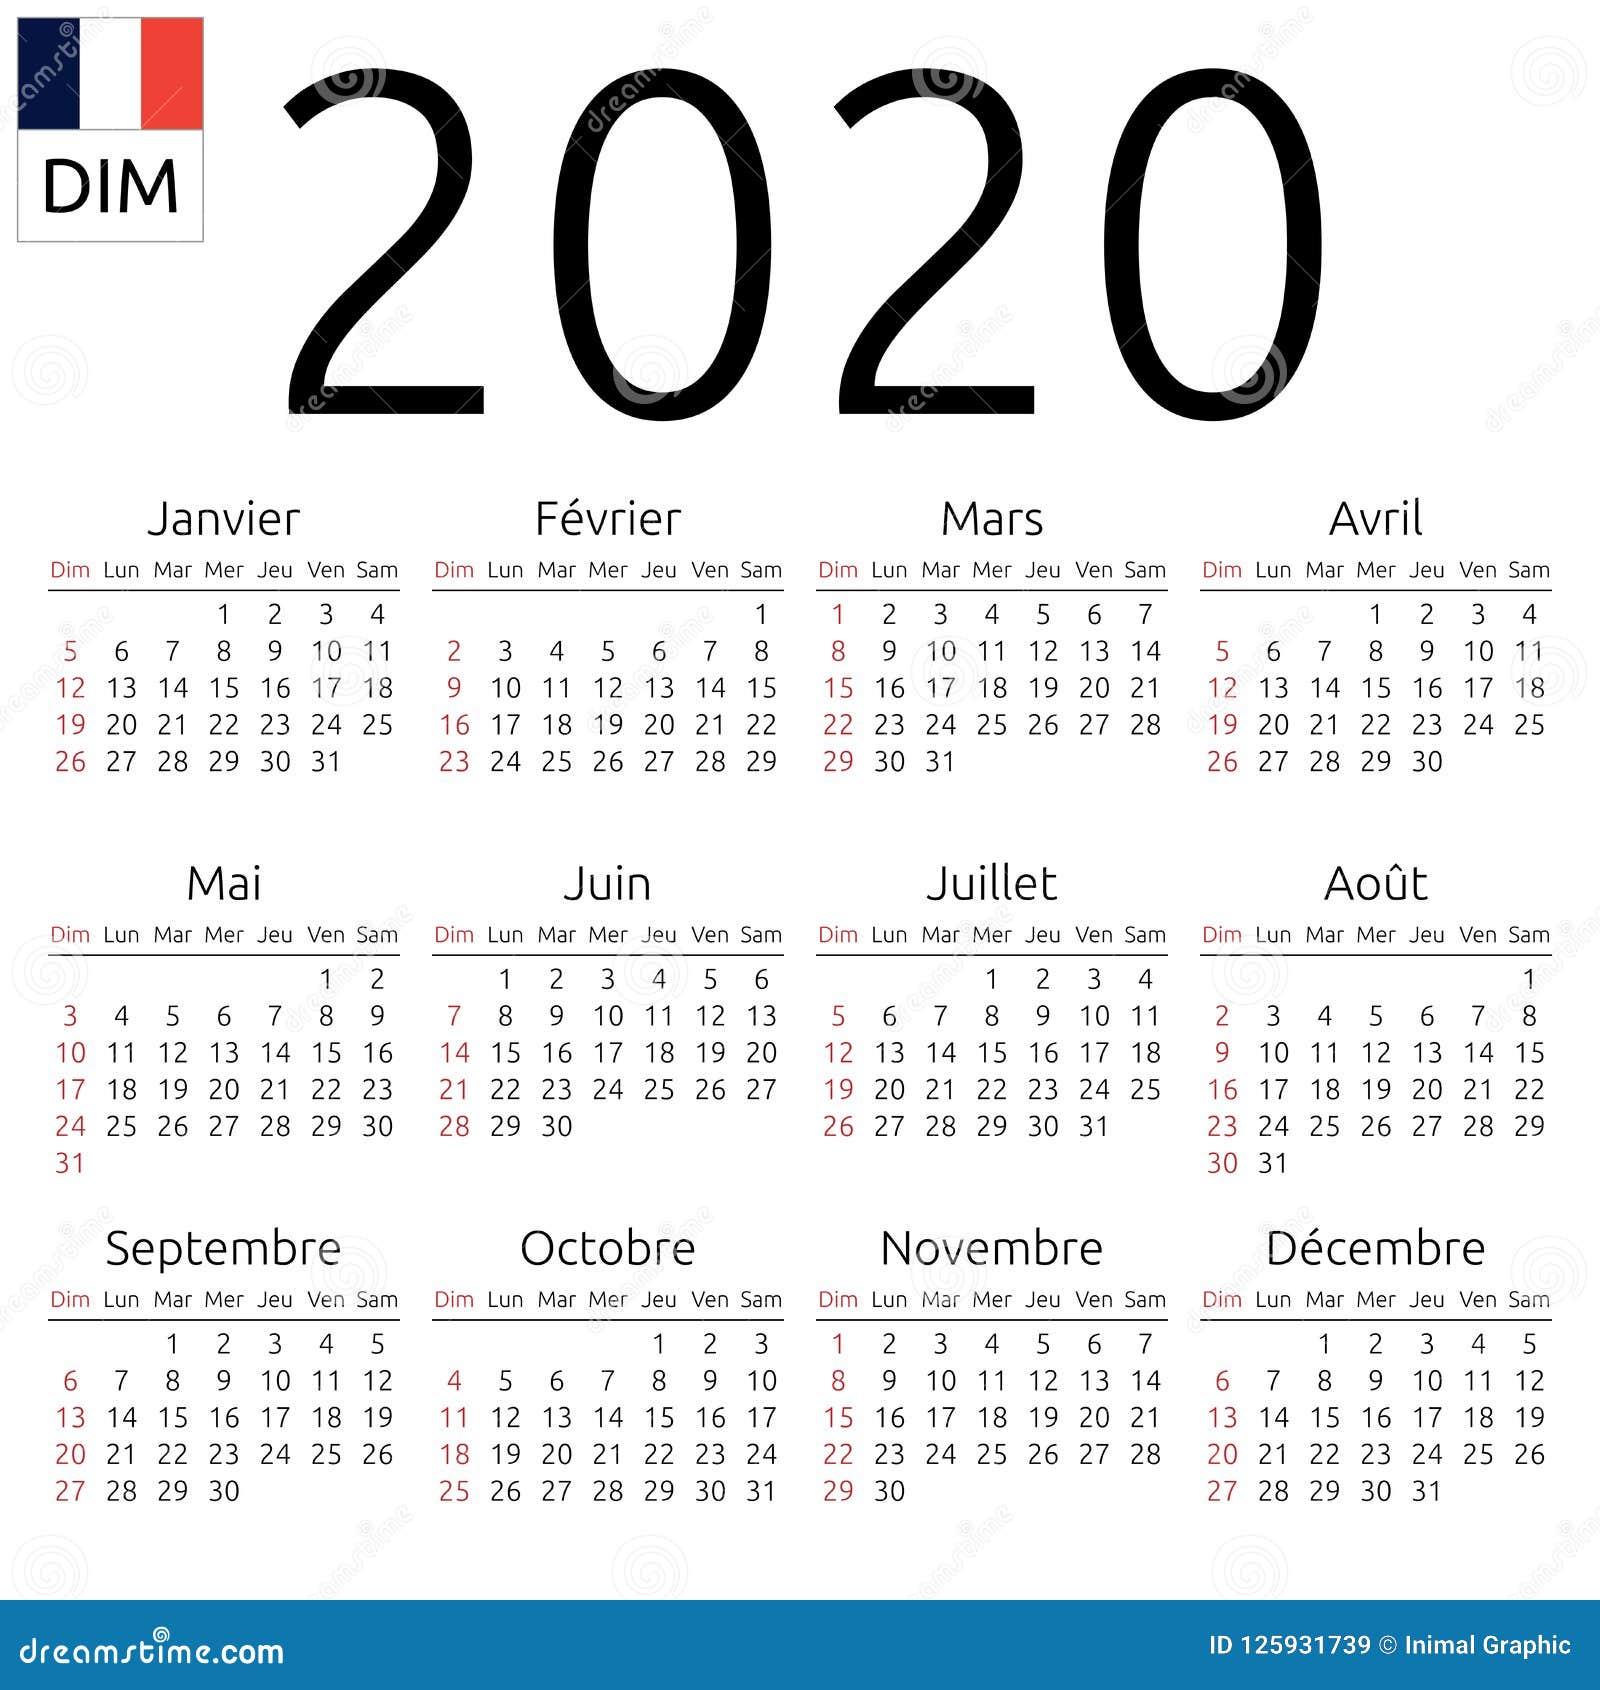 Calendario 2020 Com Feriados.Calendario 2020 Frances Domingo Ilustracao Do Vetor